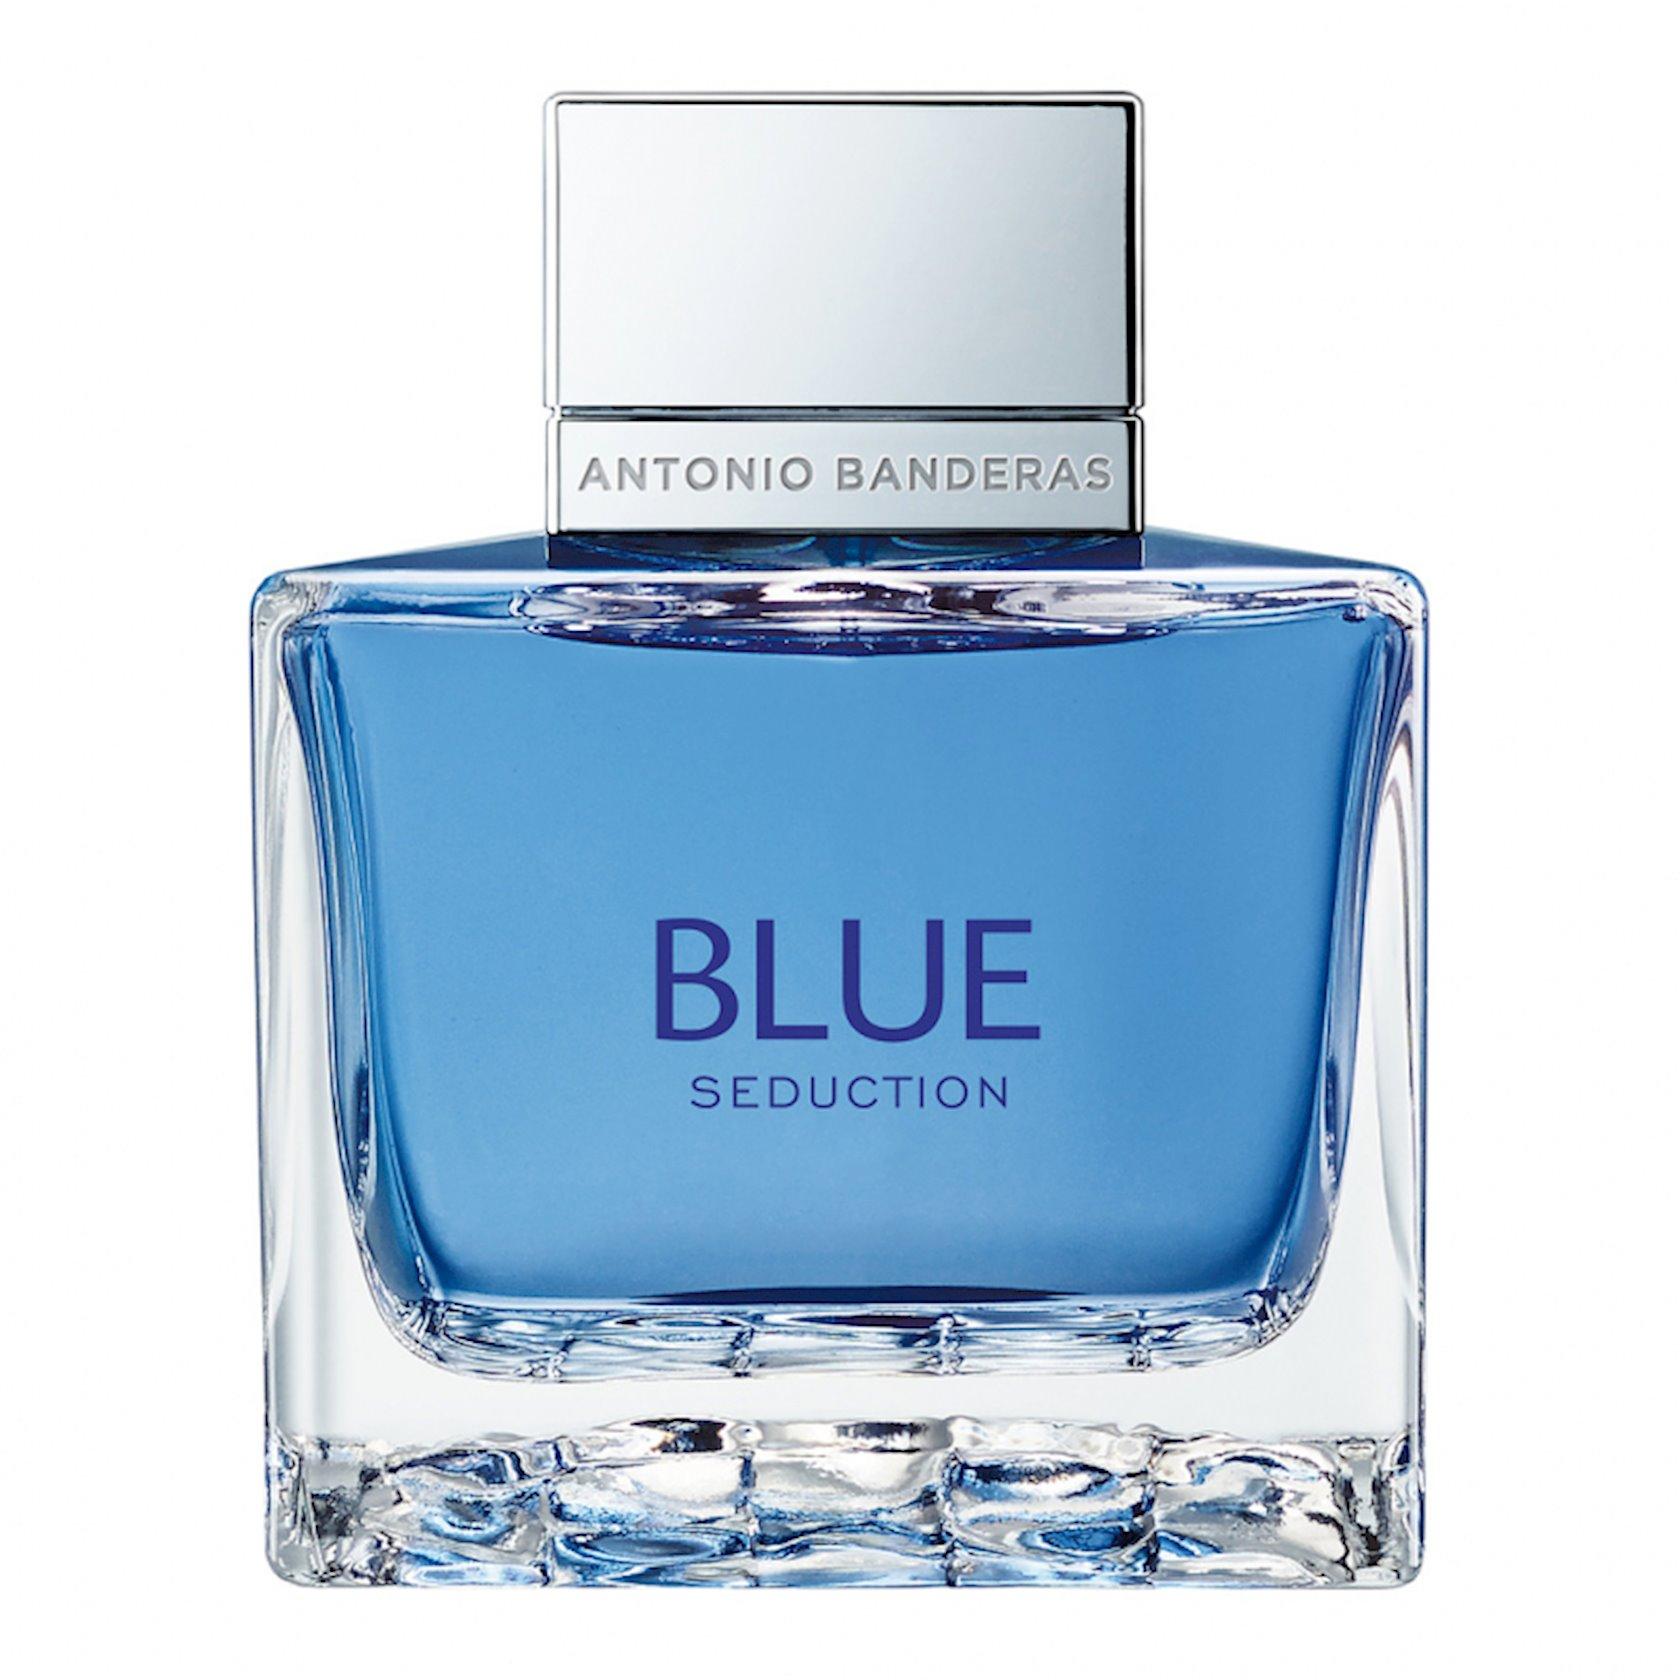 Kişilər üçün tualet suyu Antonio Banderas Blue Seduction 100 ml